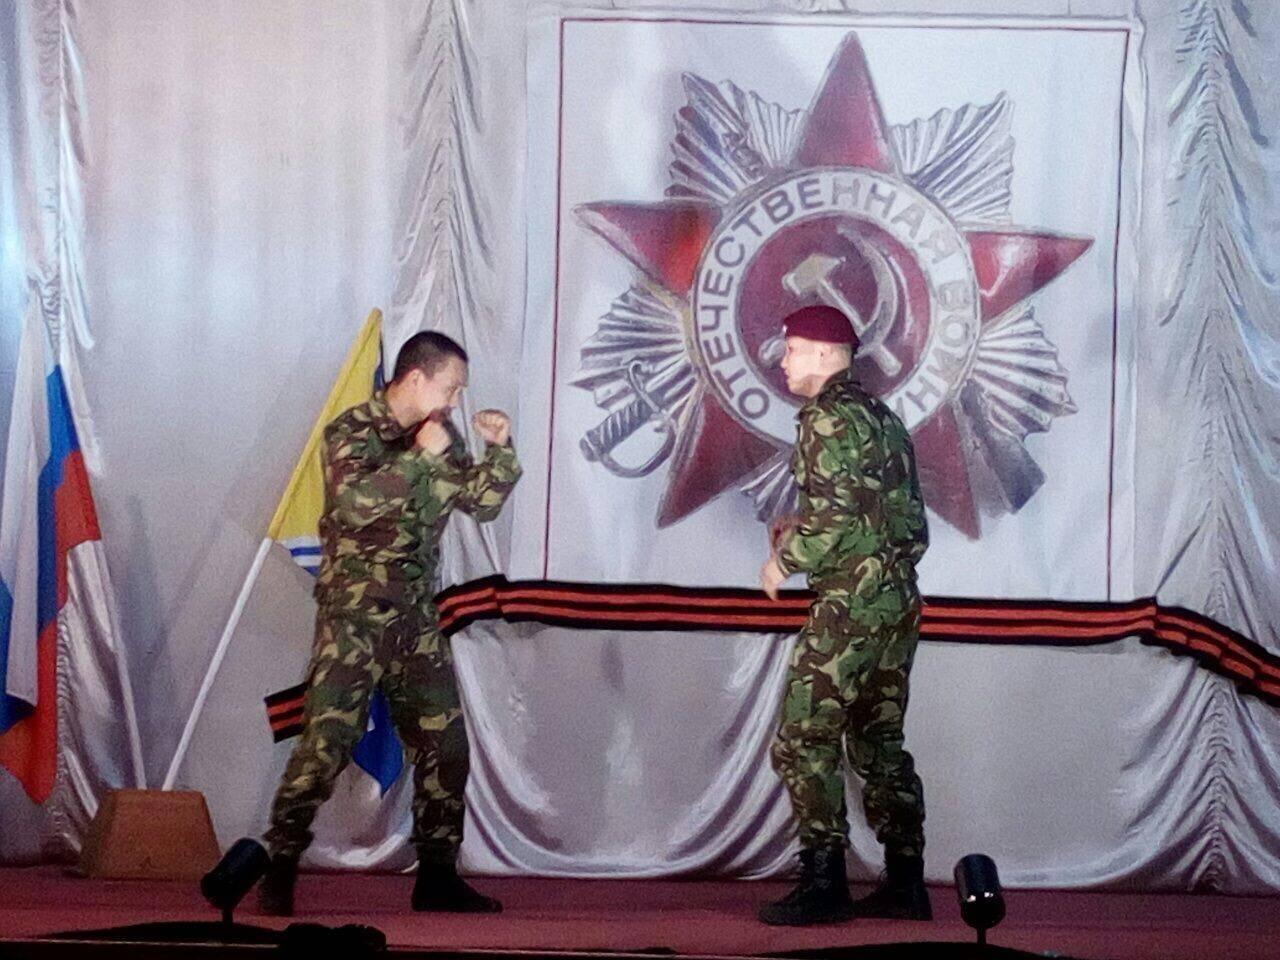 Росгвардия в числе почетных гостей на церемонии открытия патриотического клуба